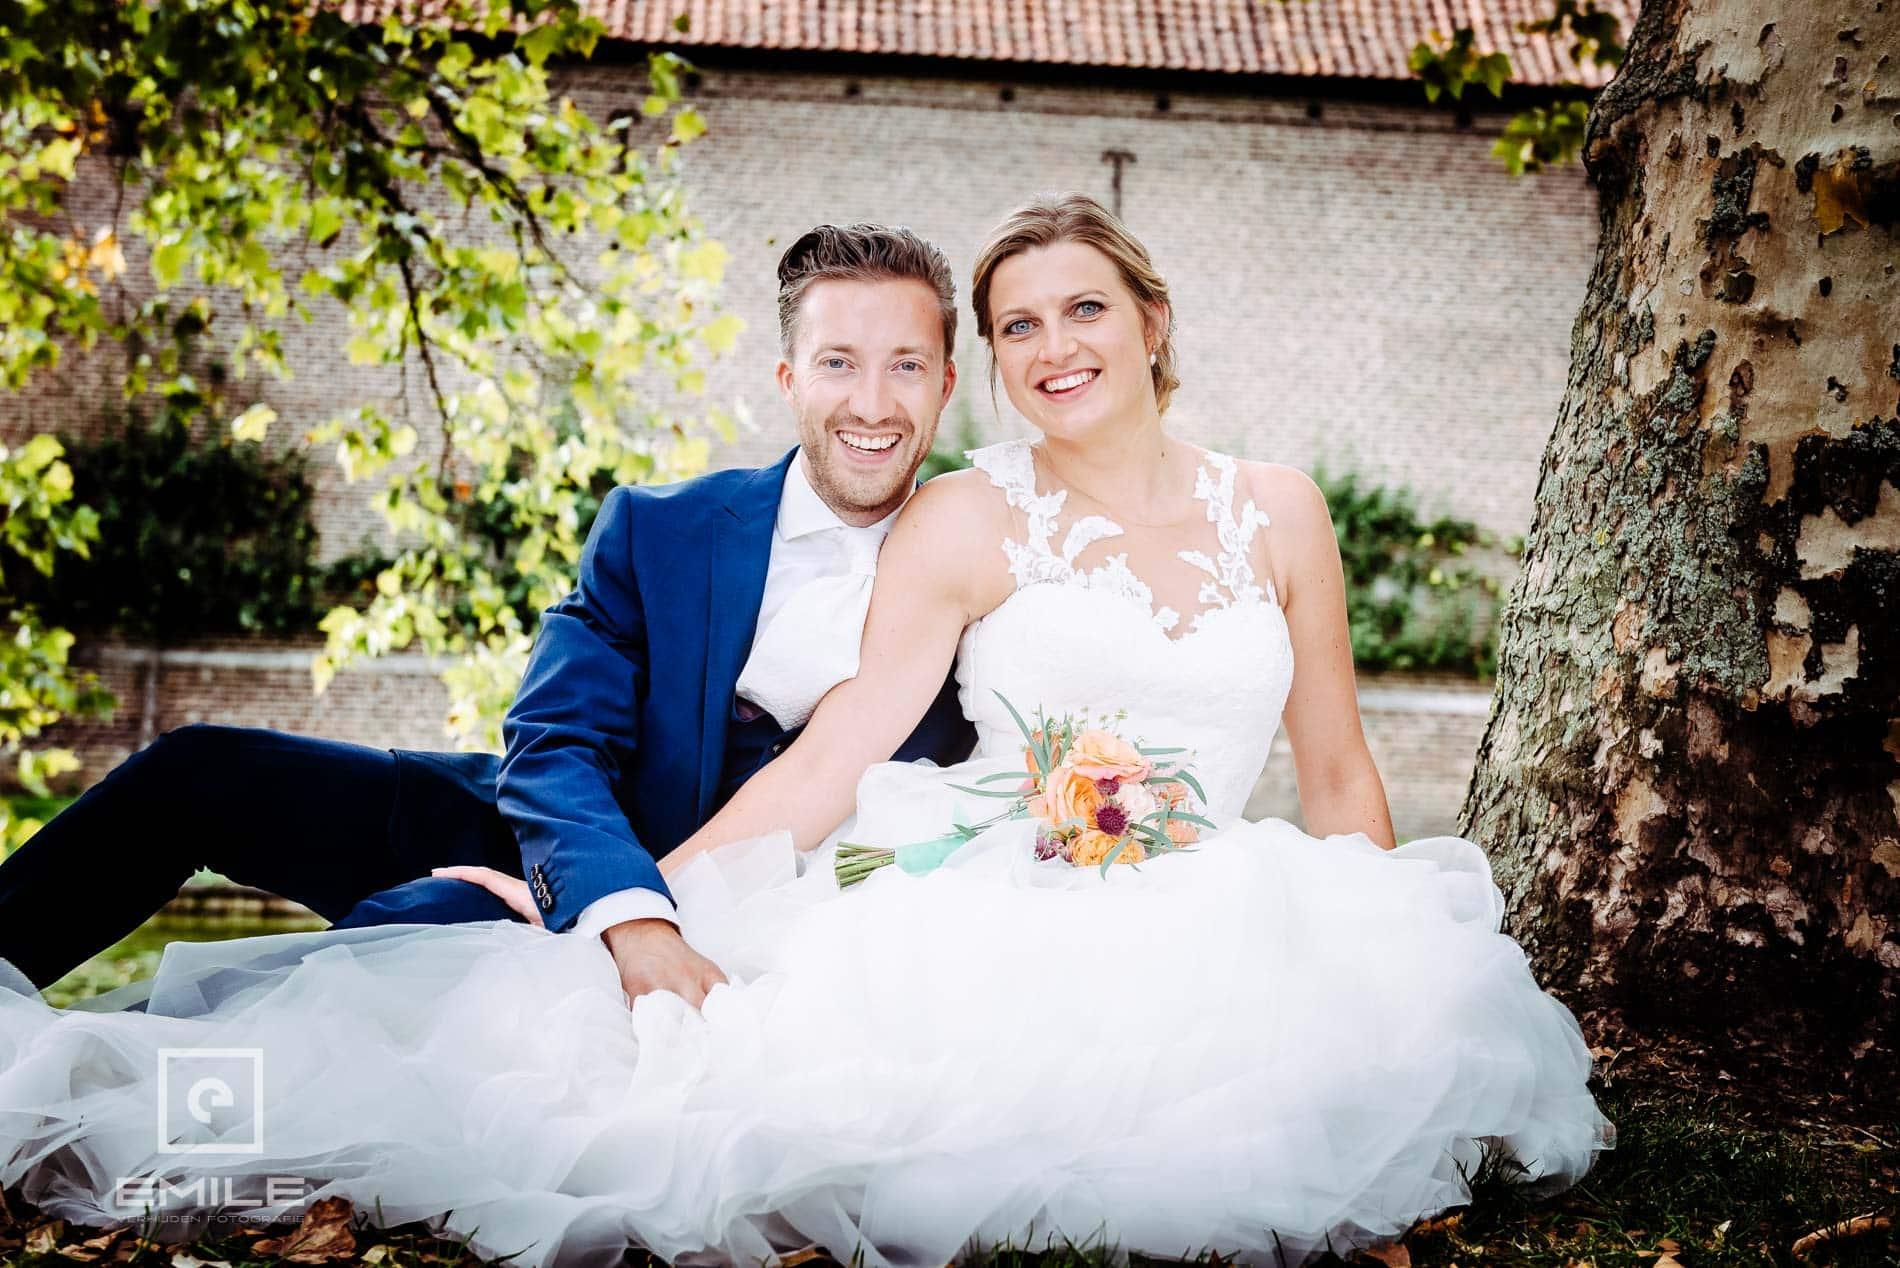 Bruidsfotograaf Kasteel Limbricht- samen zittend op de grond